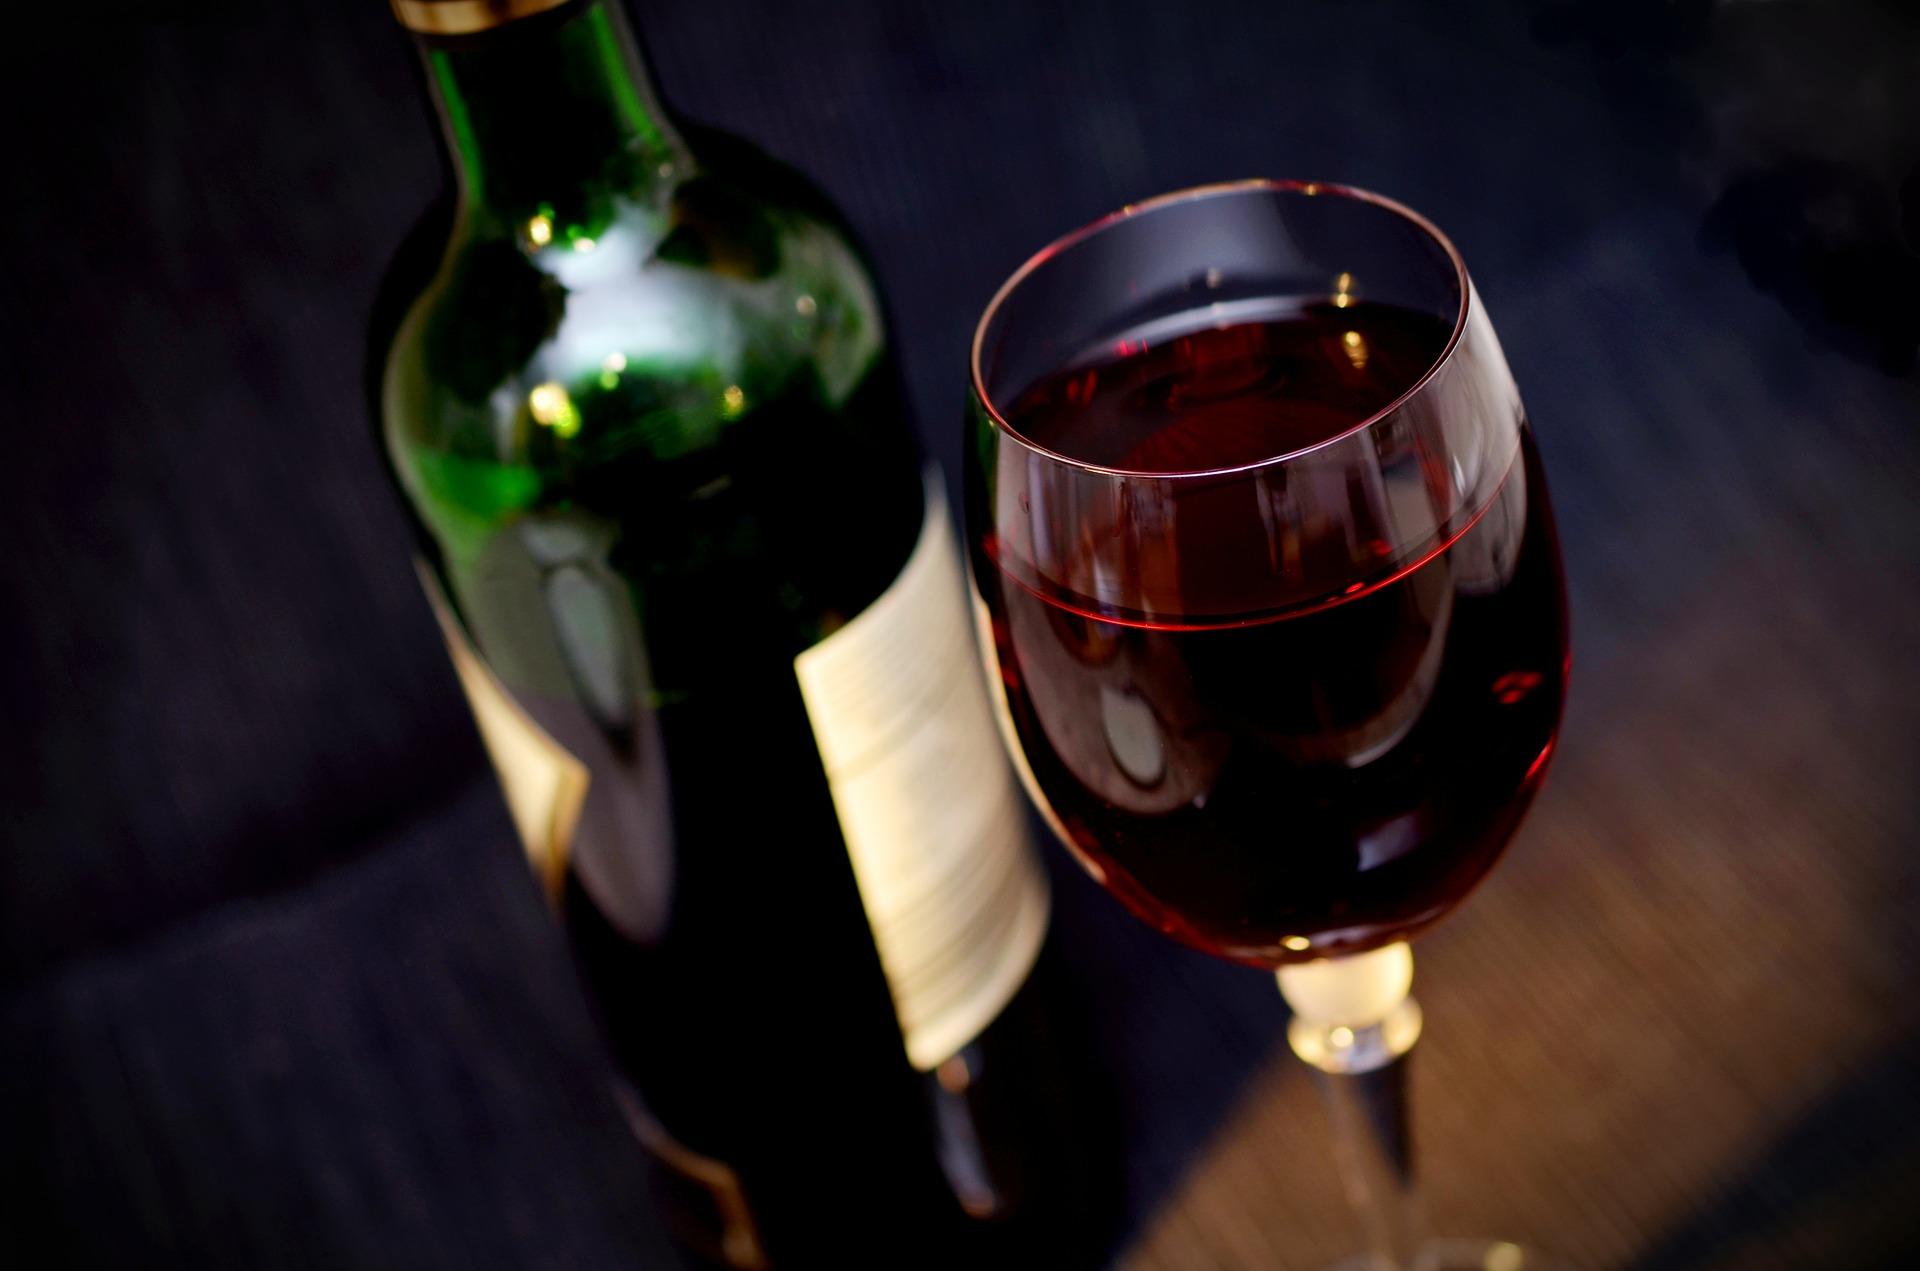 vino-vino-tinto-vidrio-beber-el-alcohol-